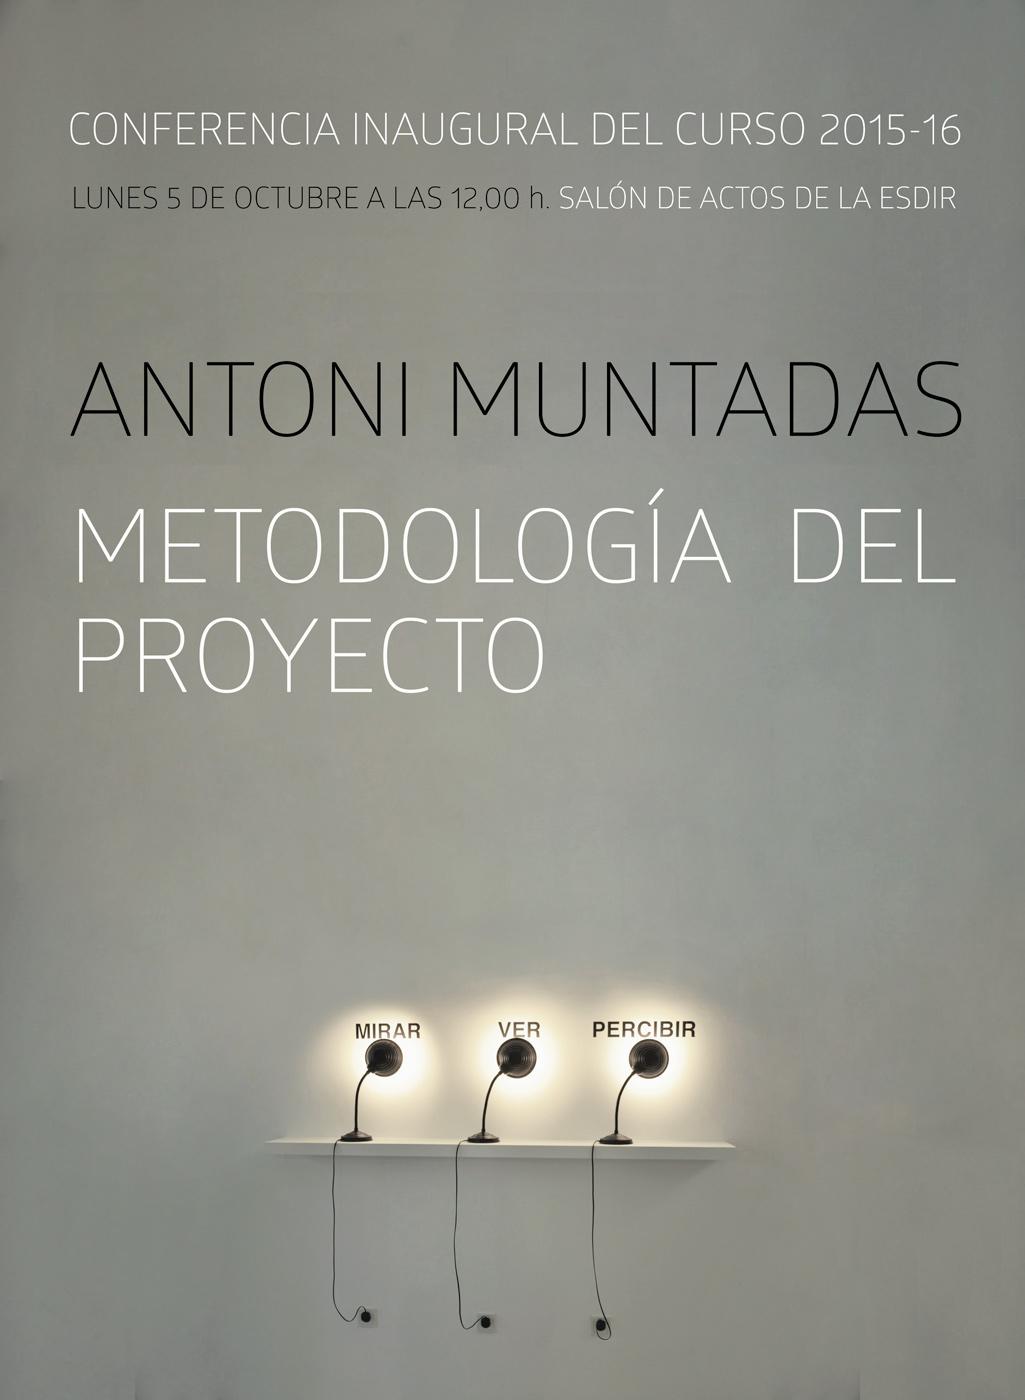 Conferencia inaugural a cargo de Antoni Muntadas. Curso 2015/16